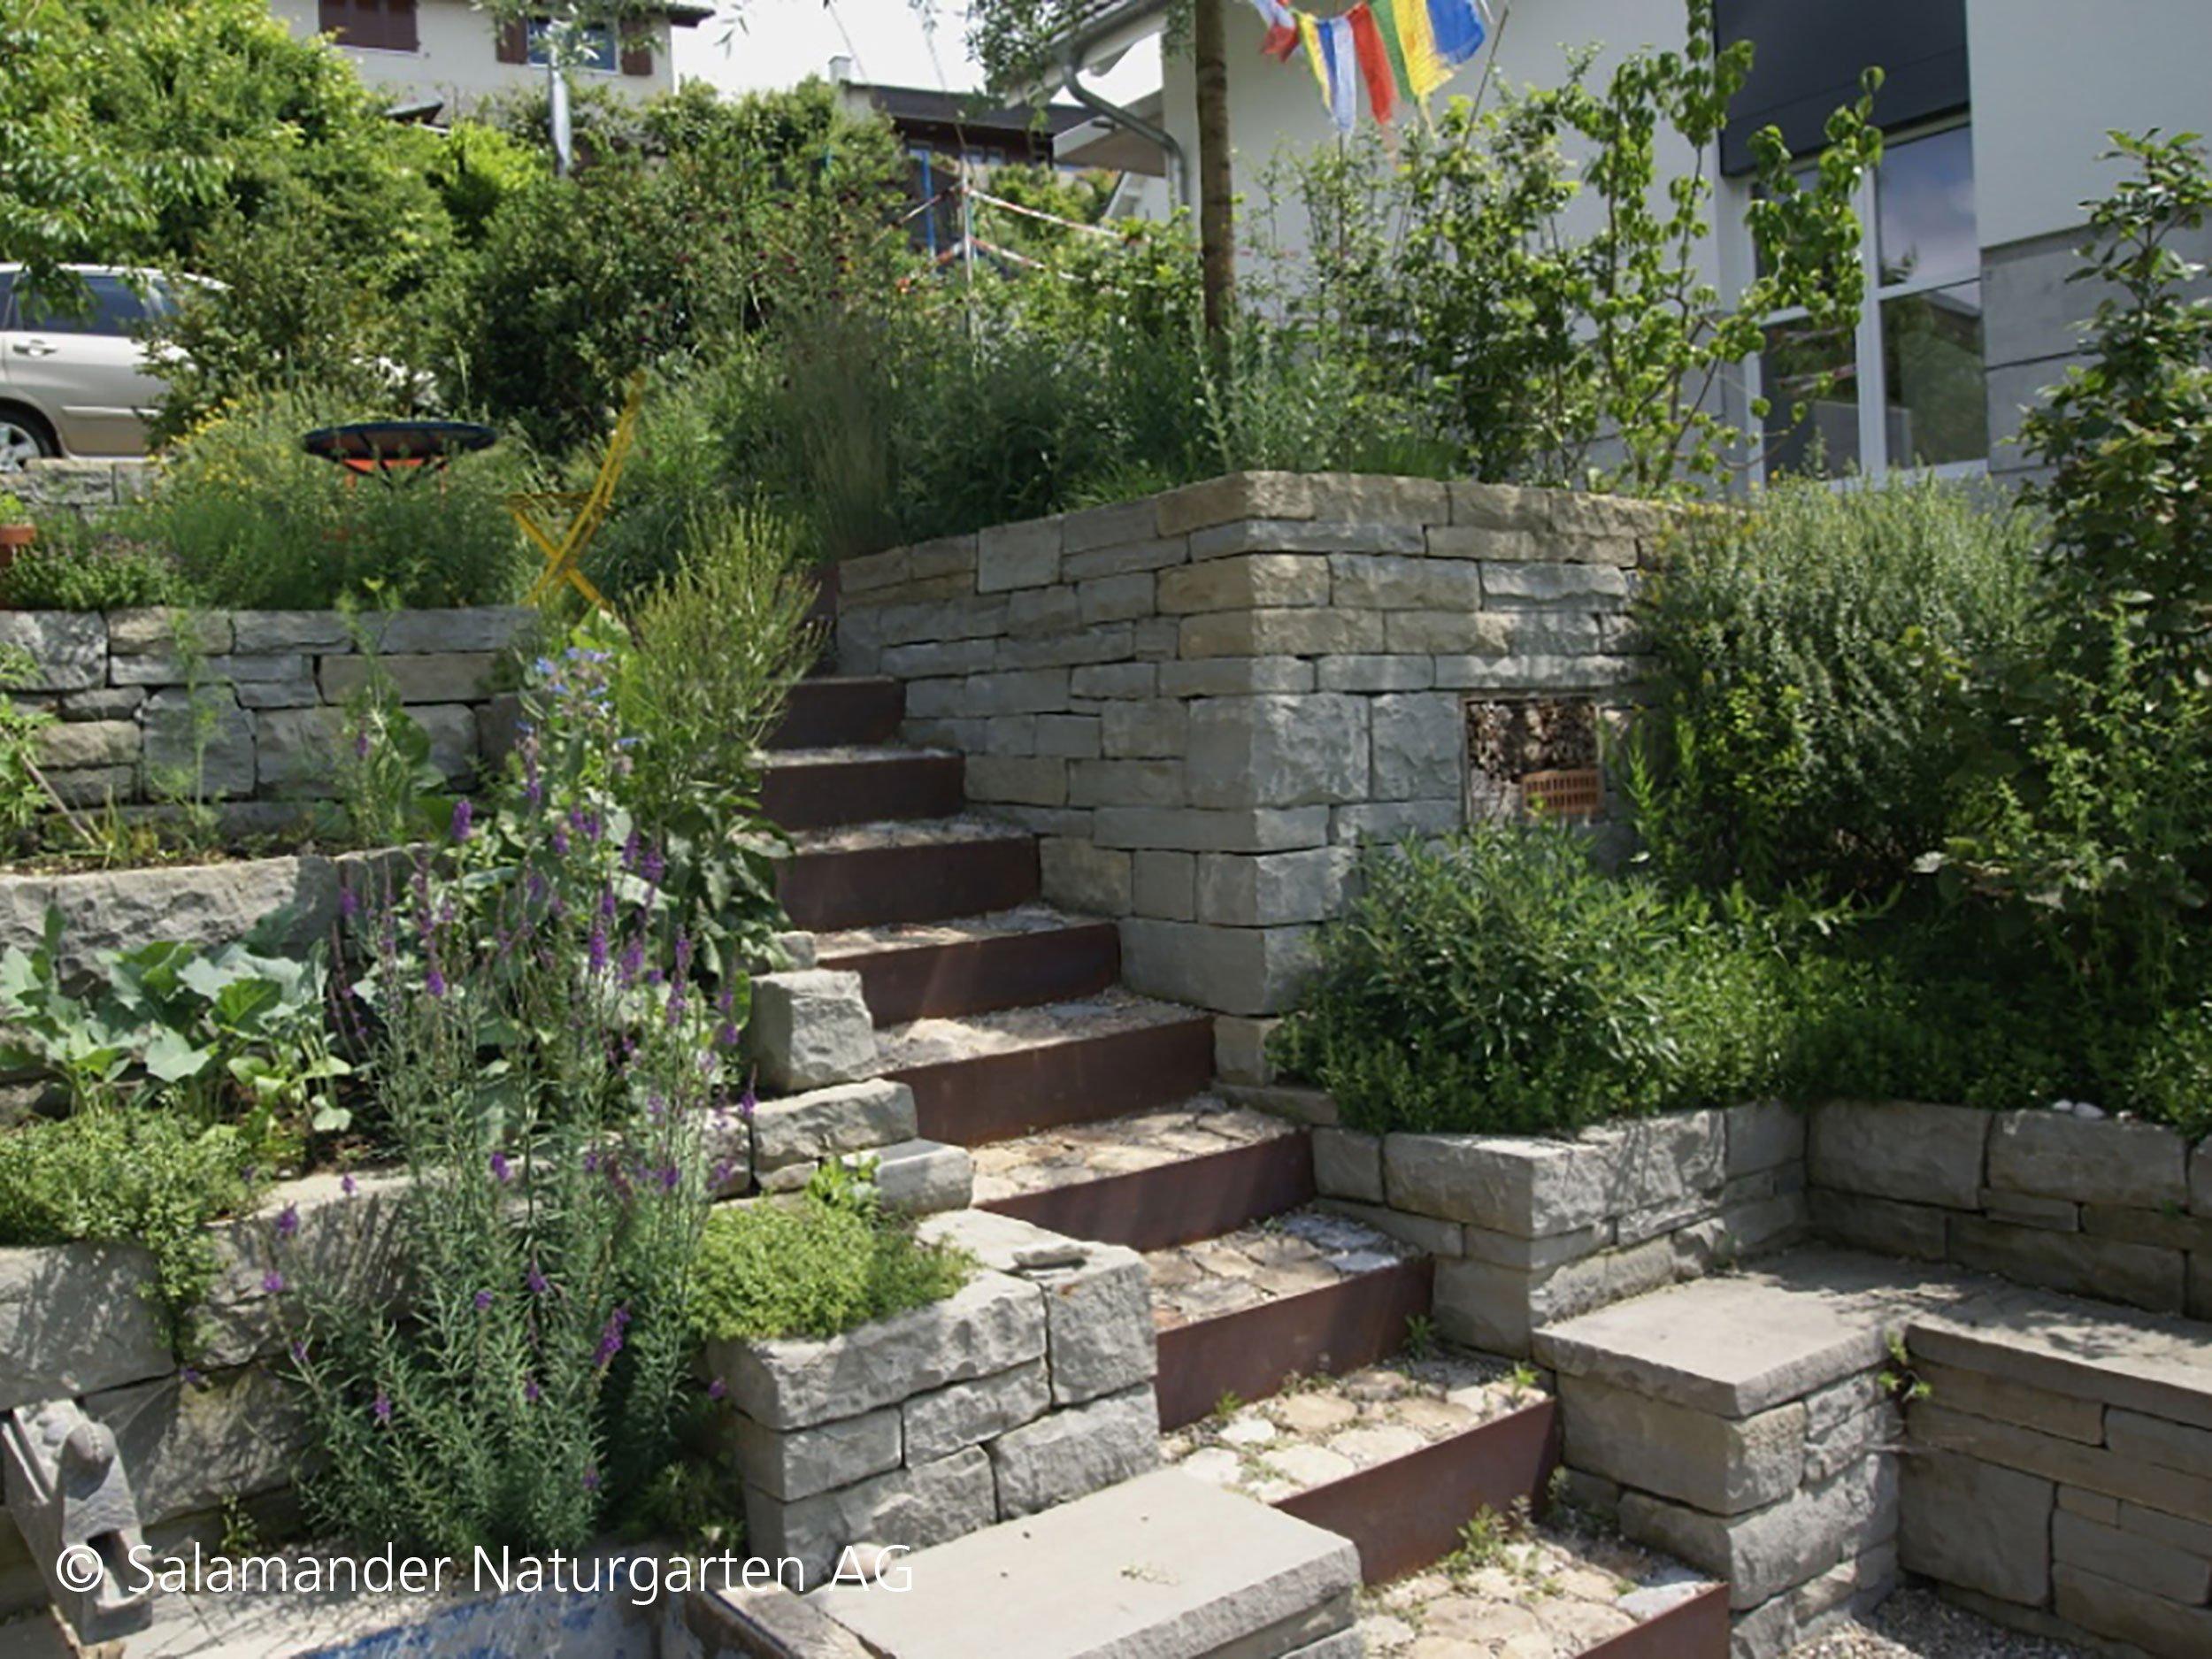 Trockenmauern in der gartengestaltung salamander naturgarten ag - Gartengestaltung mit sandstein ...